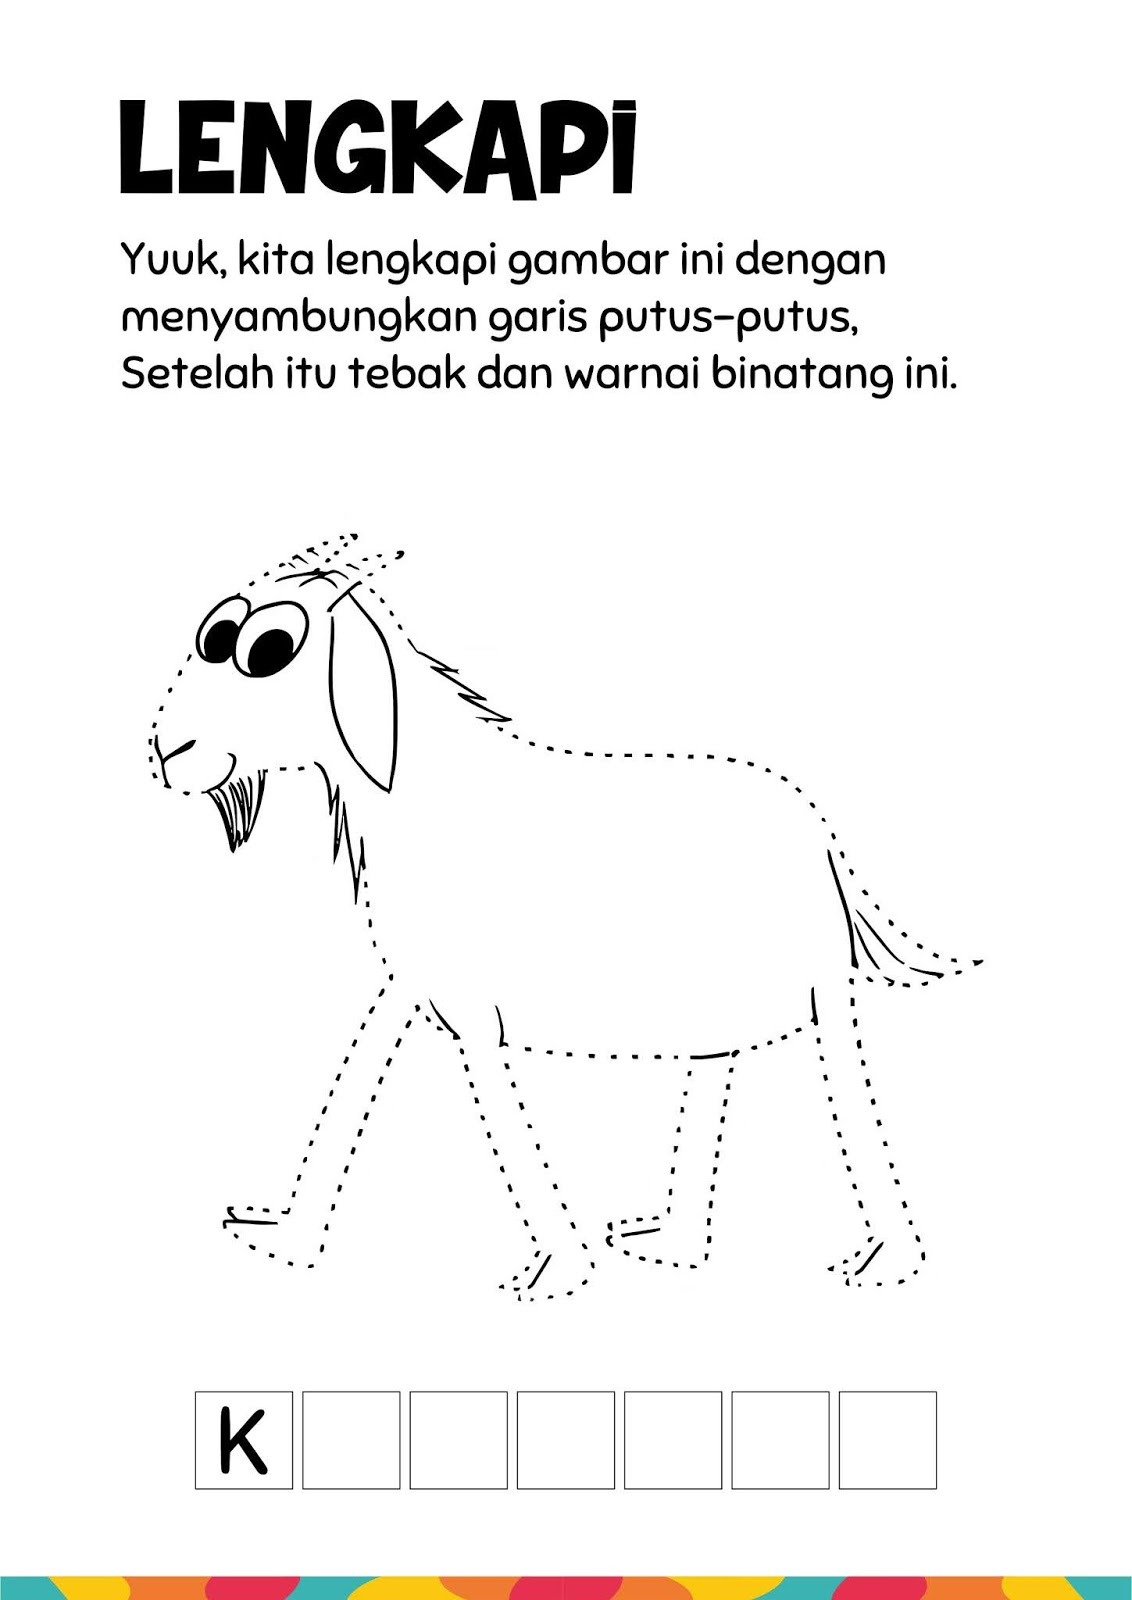 Gambar Binatang Garis Putus Putus